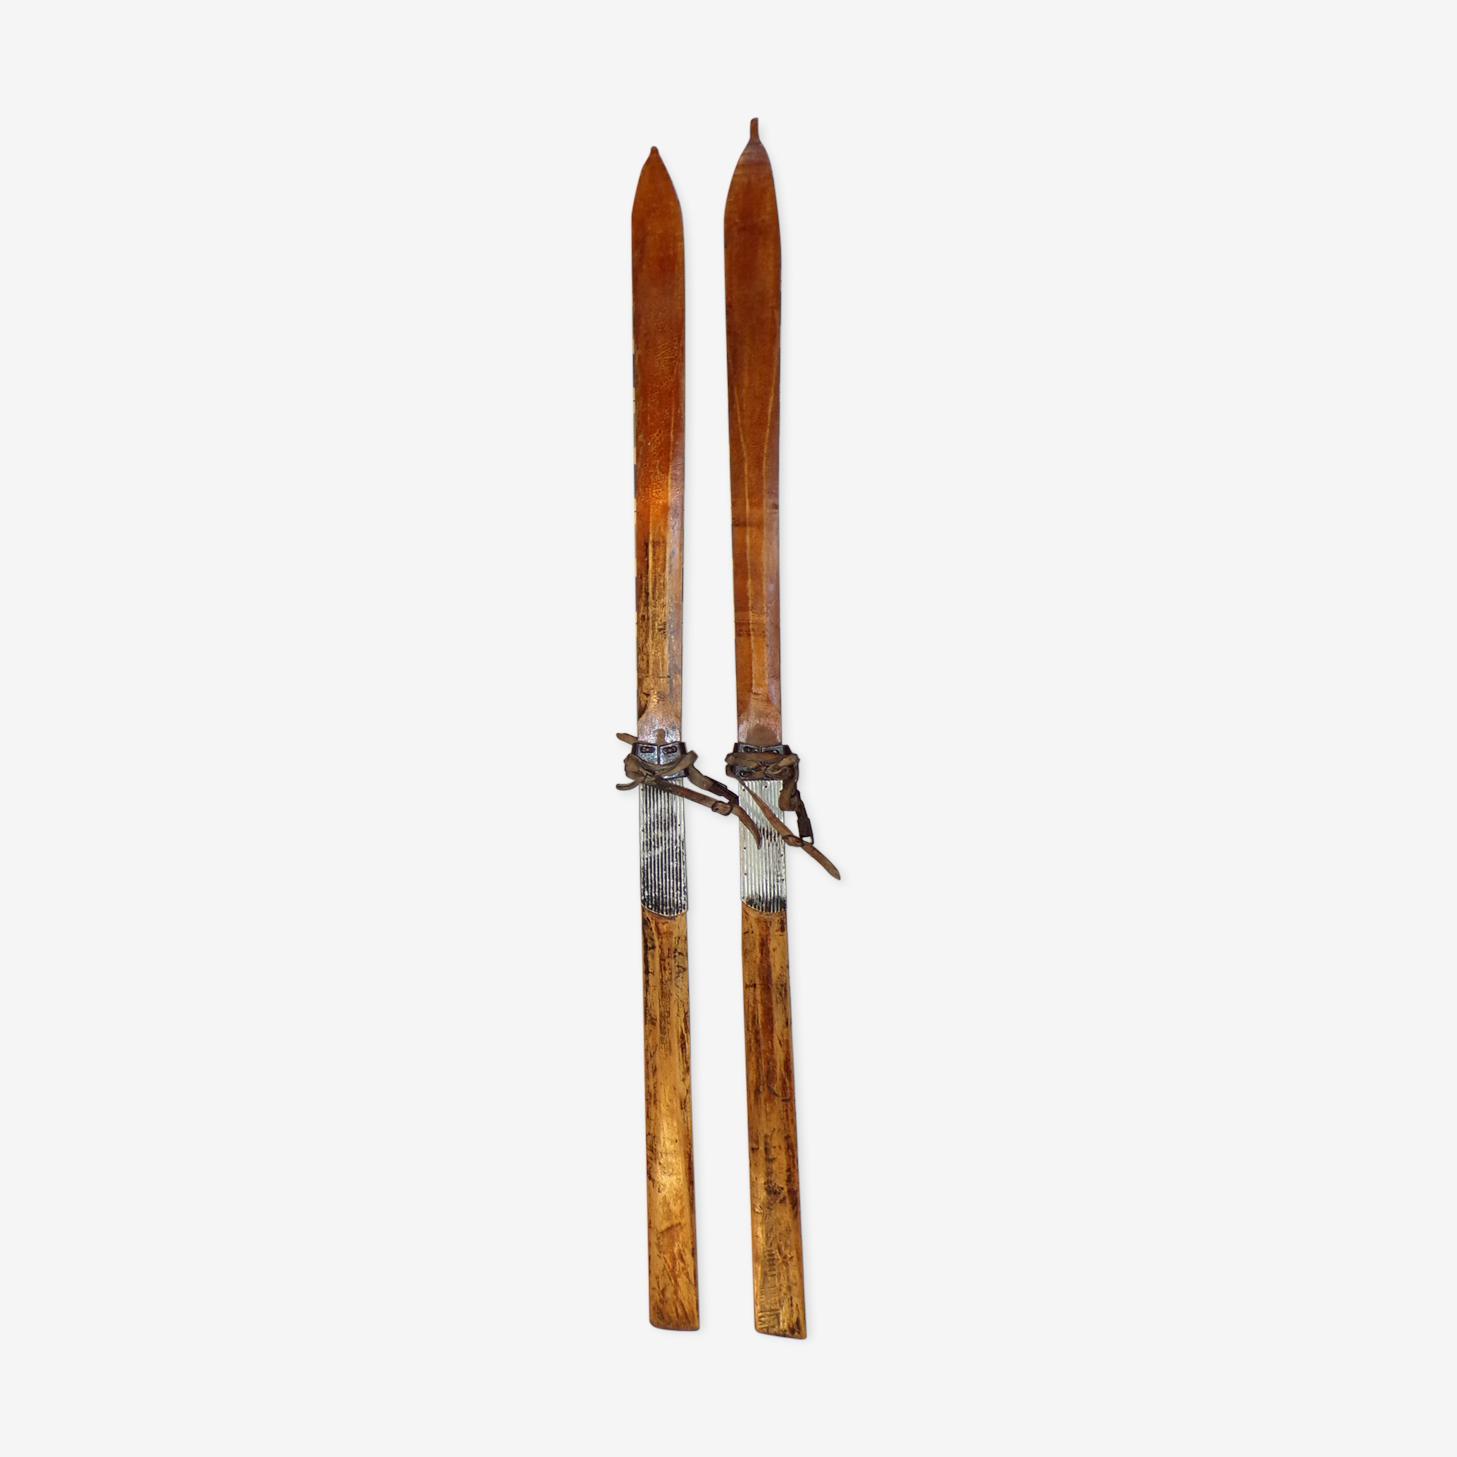 Paire de skis vintage en bois 2,03m